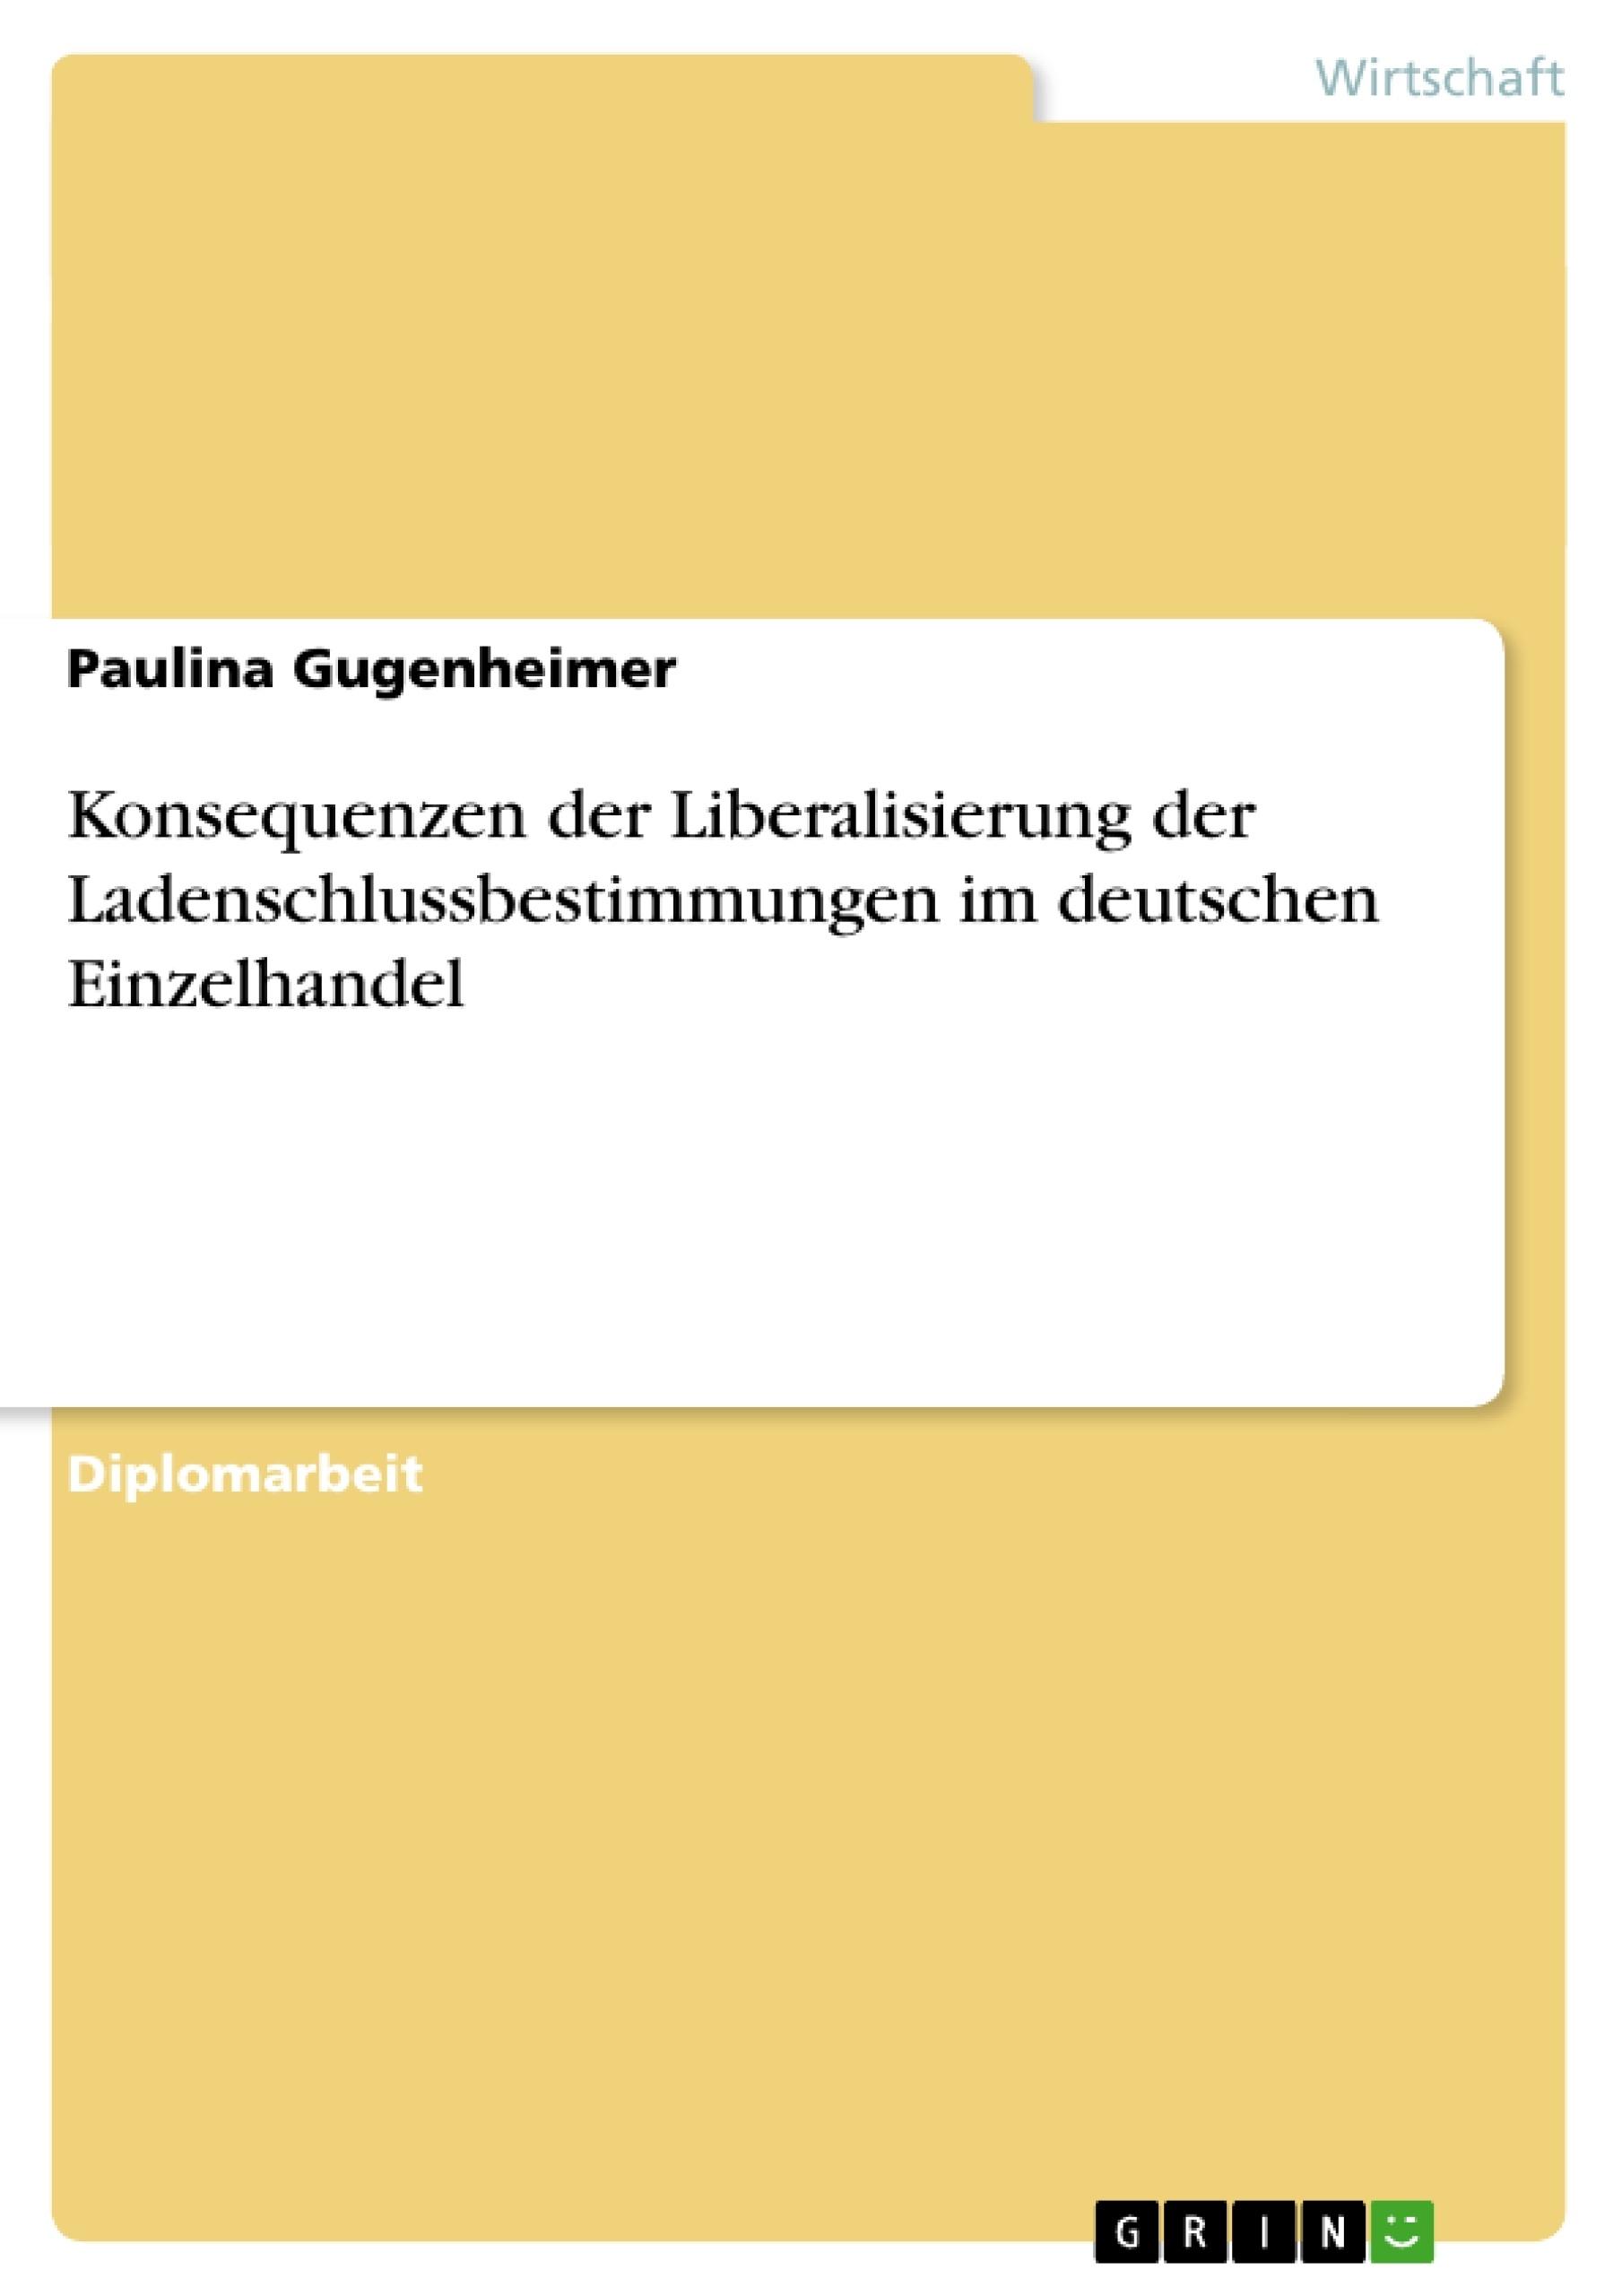 Titel: Konsequenzen der Liberalisierung der Ladenschlussbestimmungen im deutschen Einzelhandel